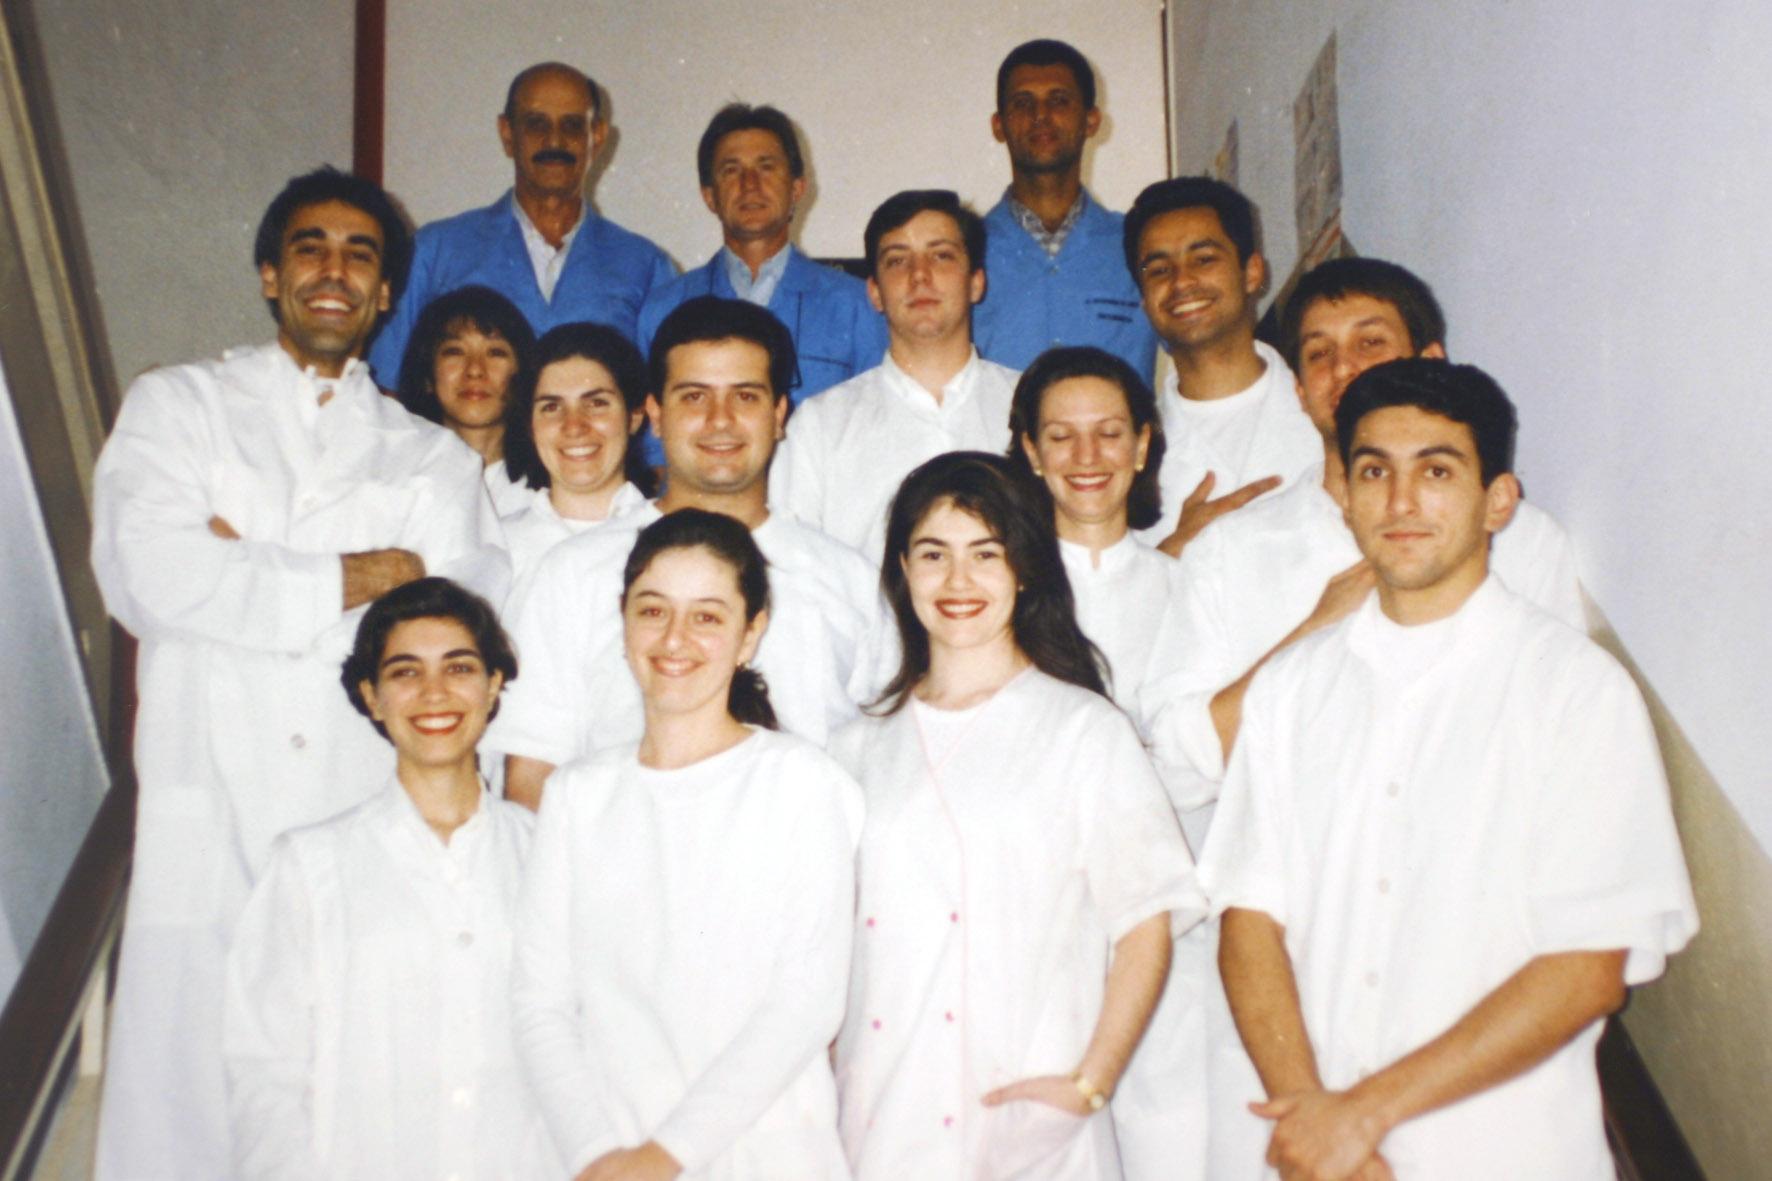 CURSO DE ESPECIALIZAÇÃO EM ORTODONTIA - TURMAS ANTERIORES